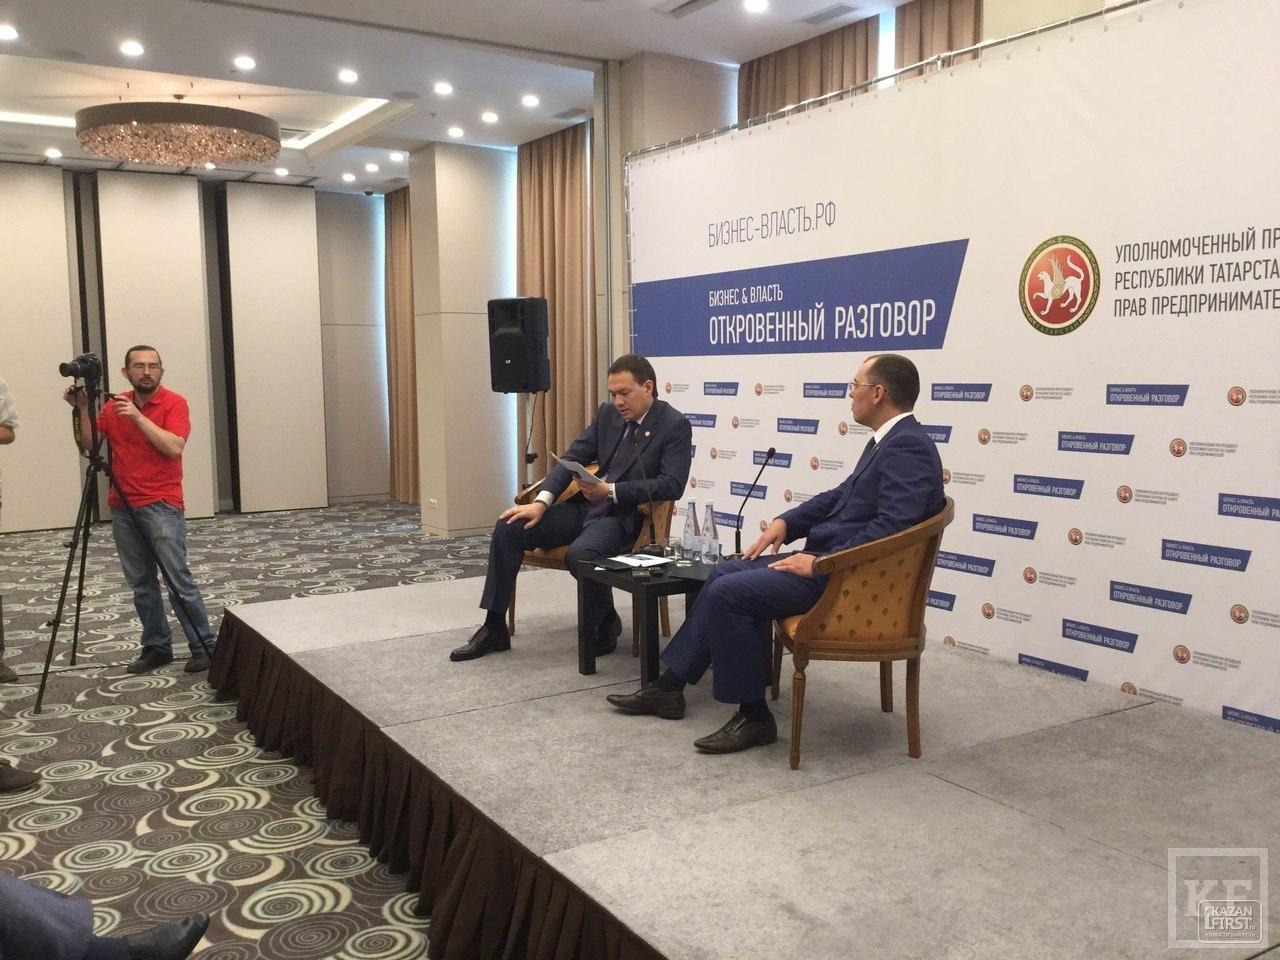 Владельцы питейных заведений Татарстана предложили бизнес-омбудсмену Тимуру Нагуманову сформулировать для них «право первой ночи»